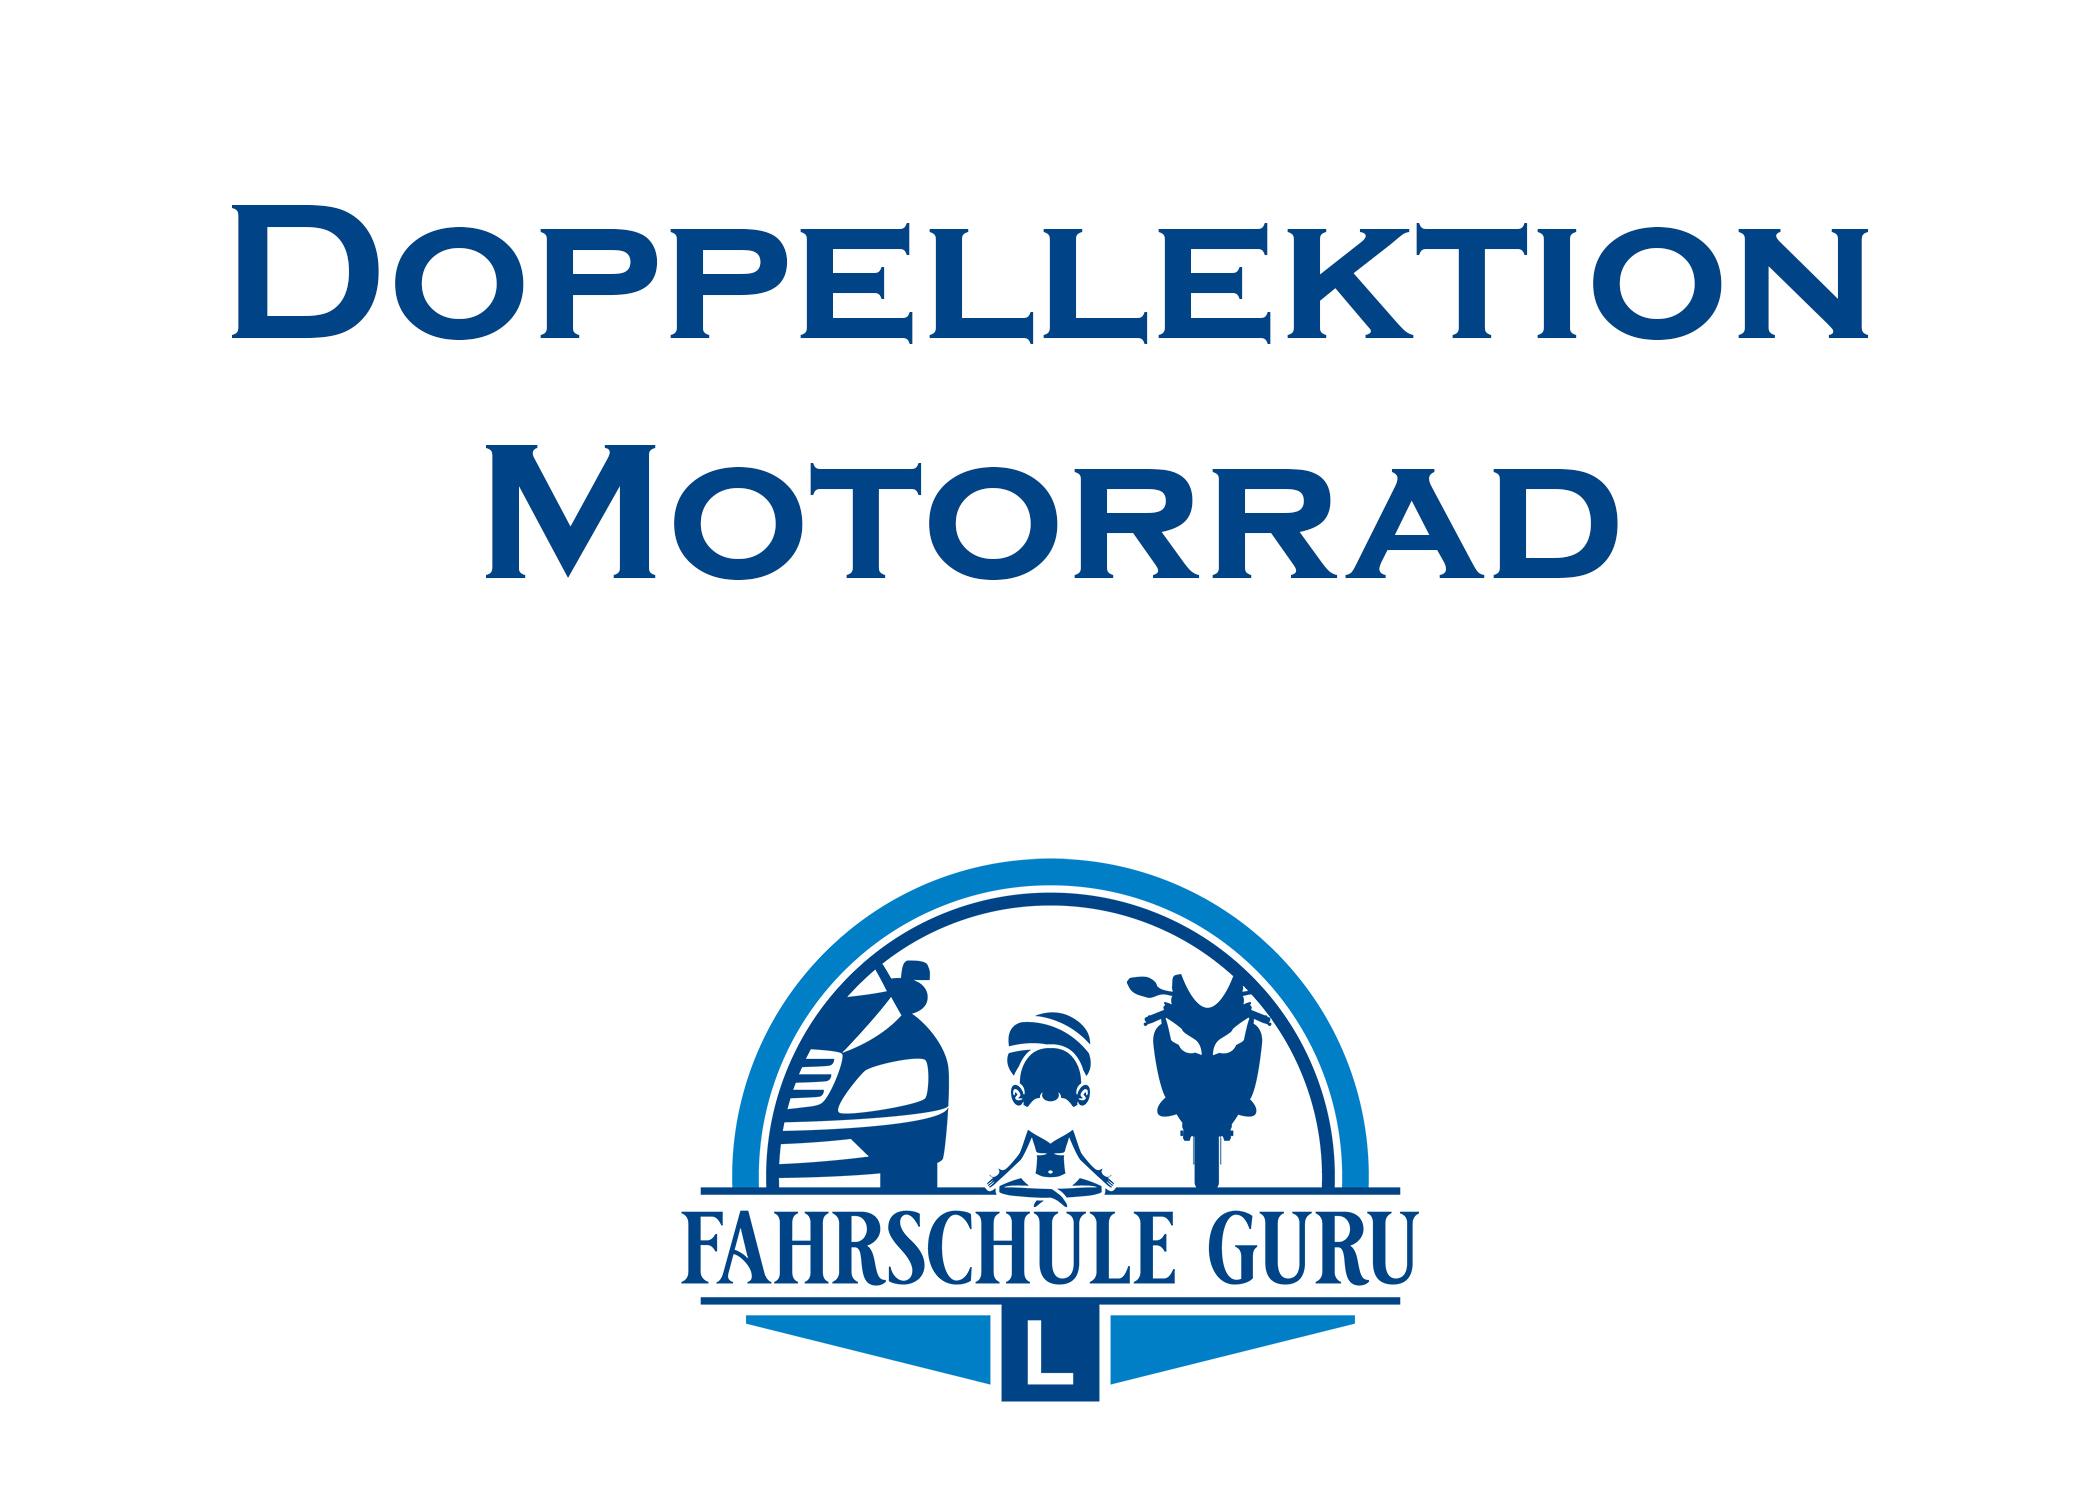 2. Doppellektion Motorrad